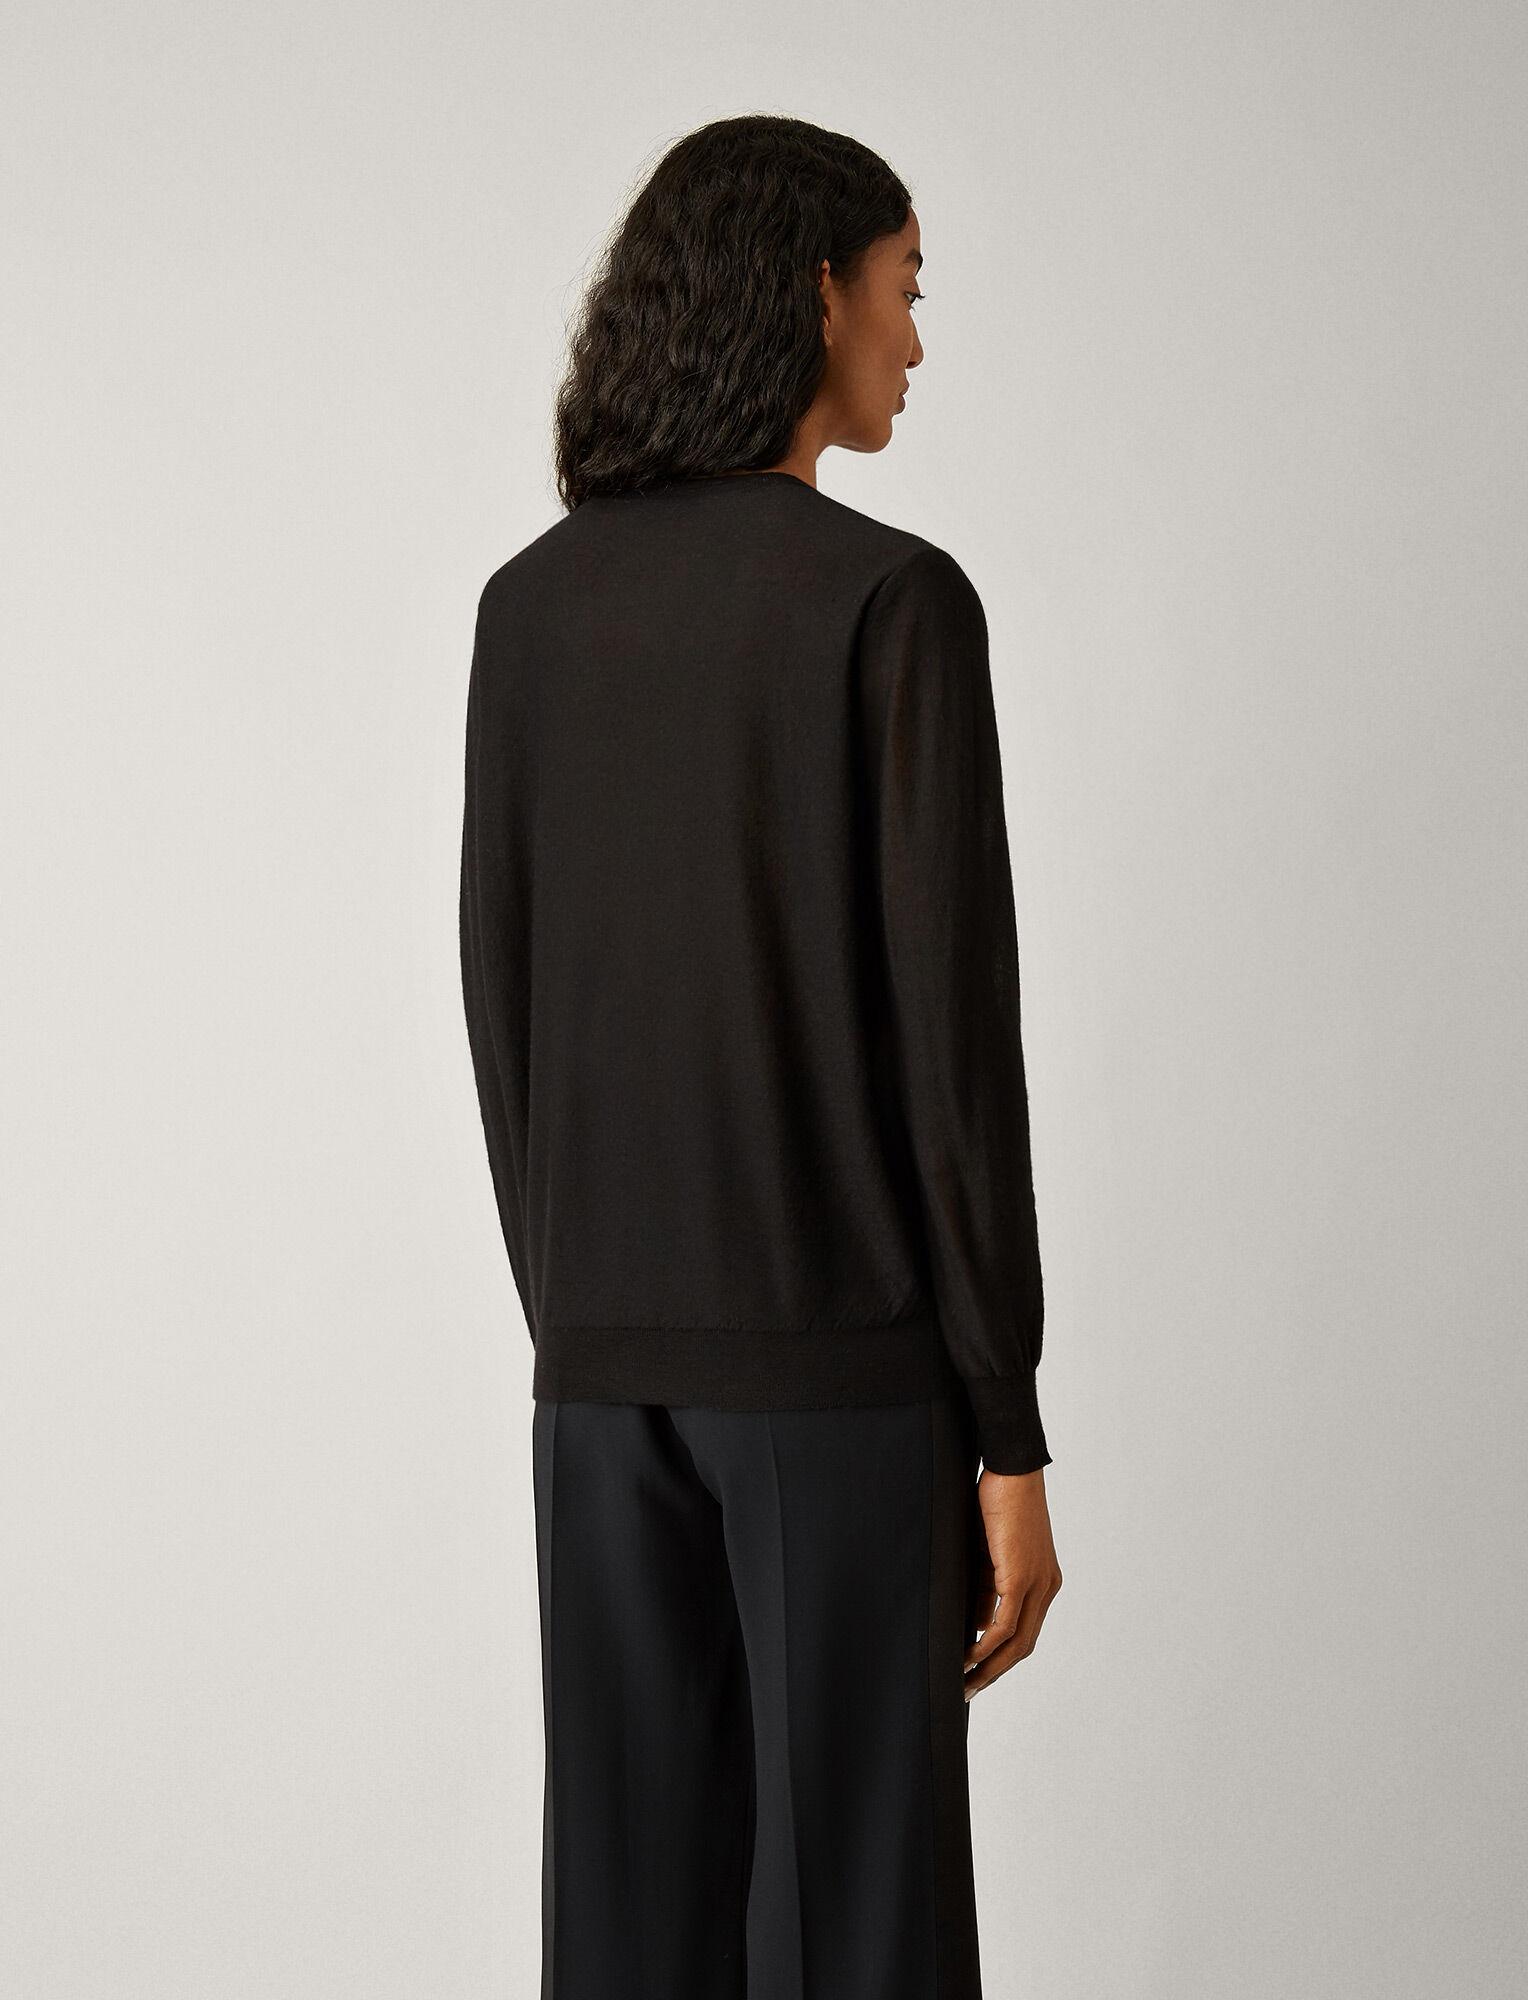 Joseph, V Neck Cashair Knit, in BLACK